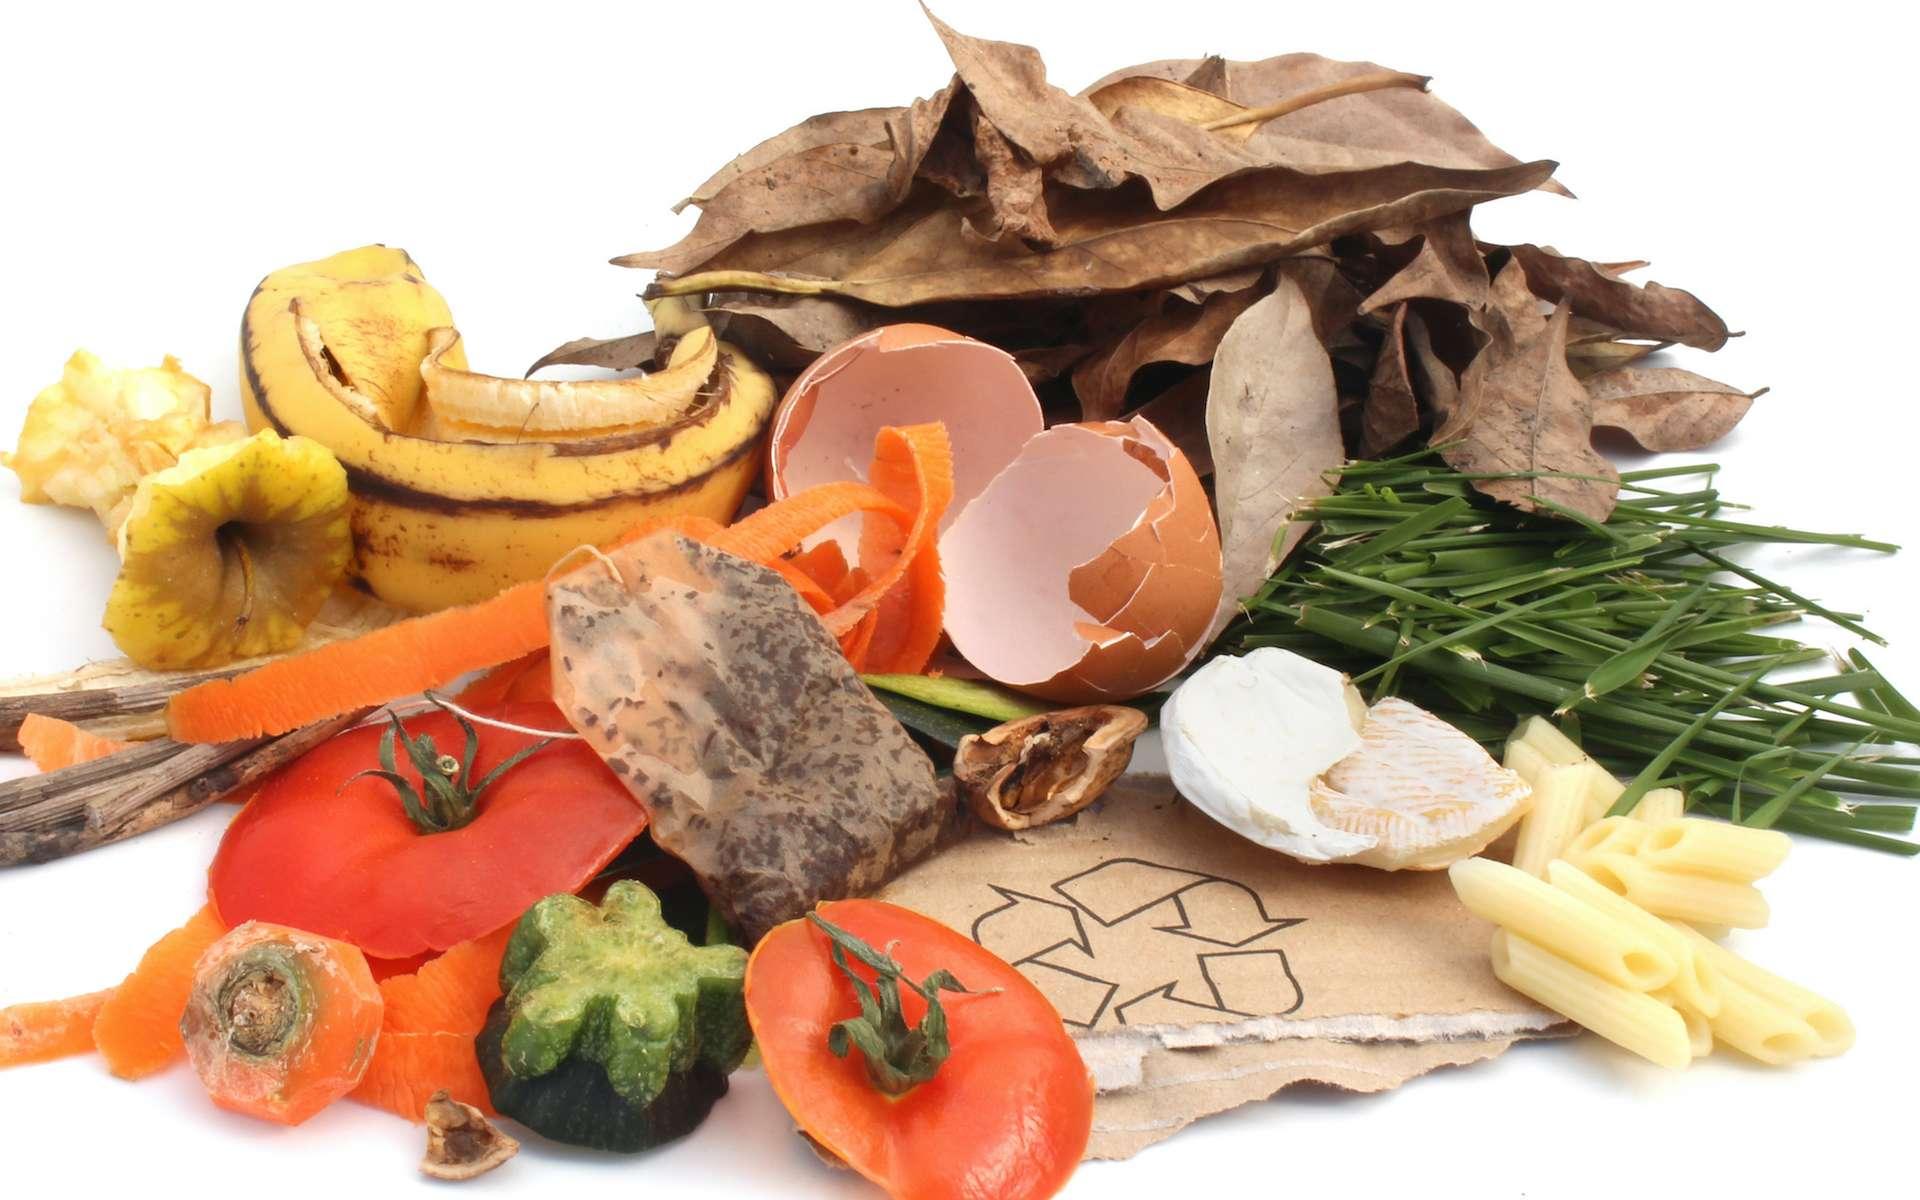 Recettes anti-gaspi : ces déchets alimentaires peuvent encore être consommés. © Brad Pict, Adobe Stock